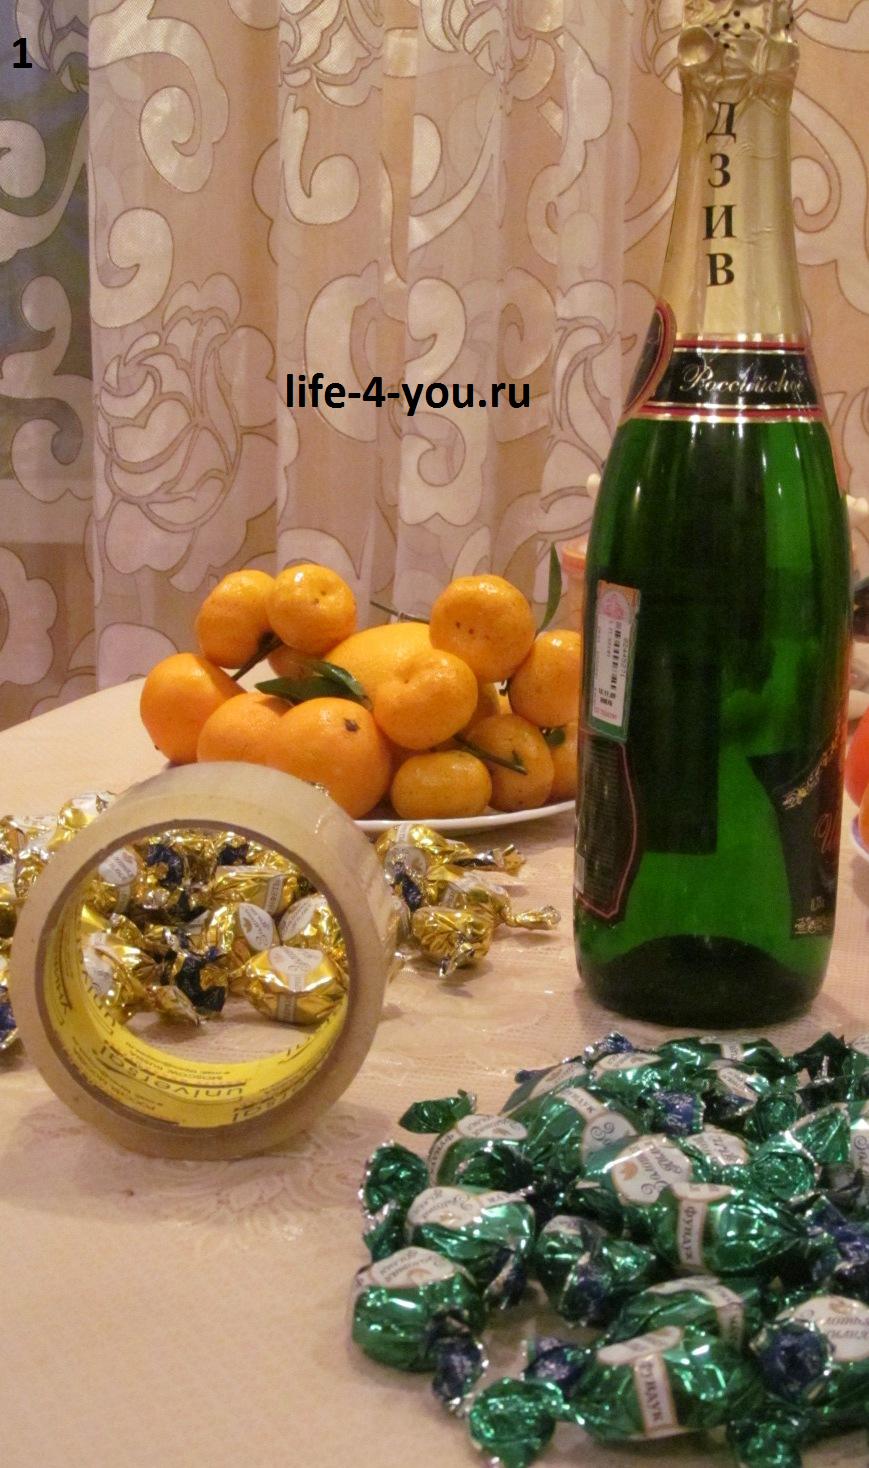 Новогодние подарки своими руками: мастер класс Ёлочка из конфет